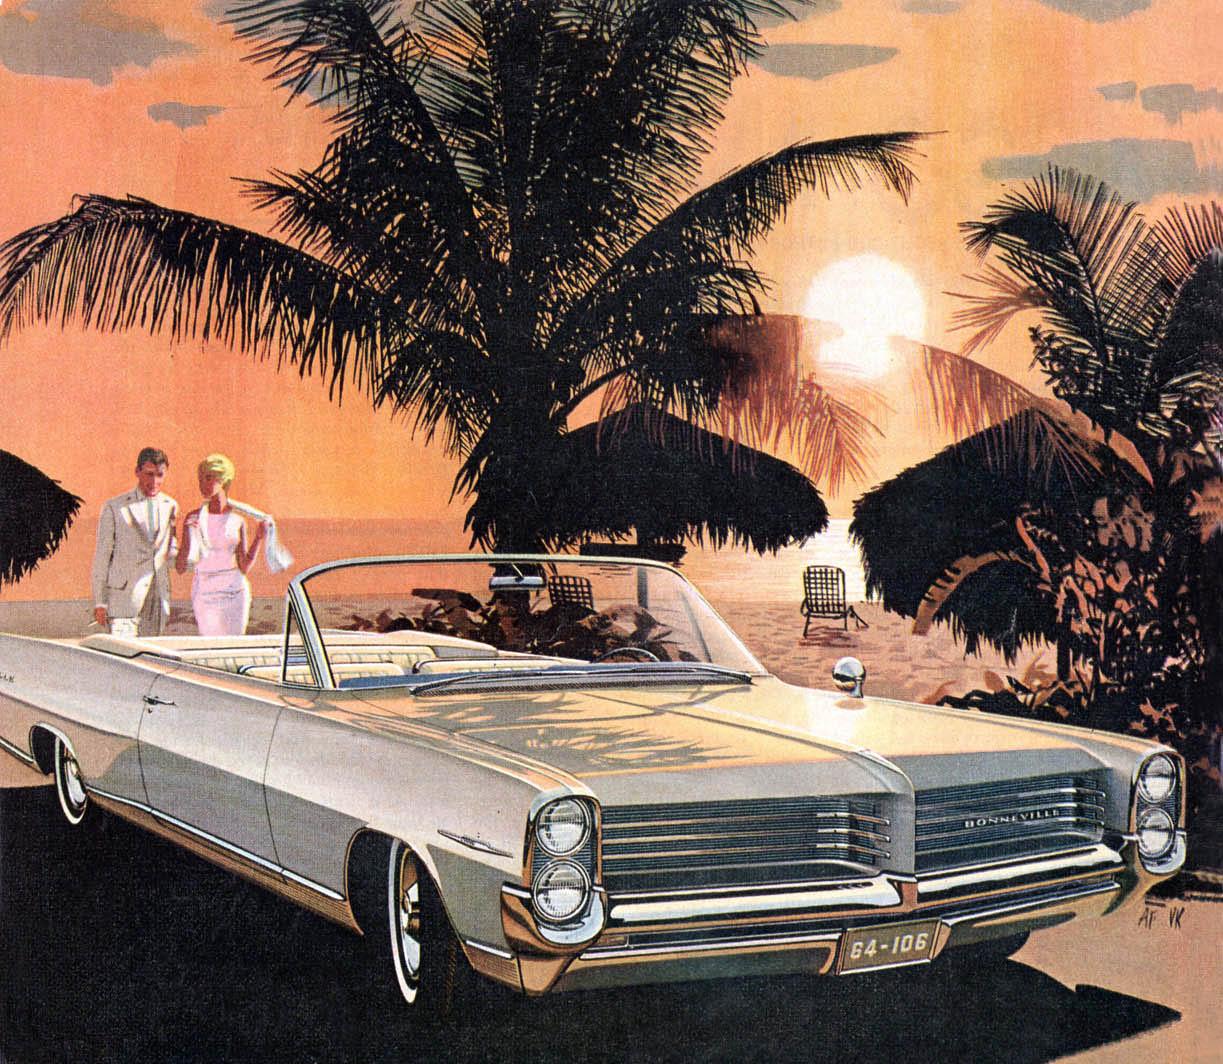 1964 Bonneville - Barbados Sunset